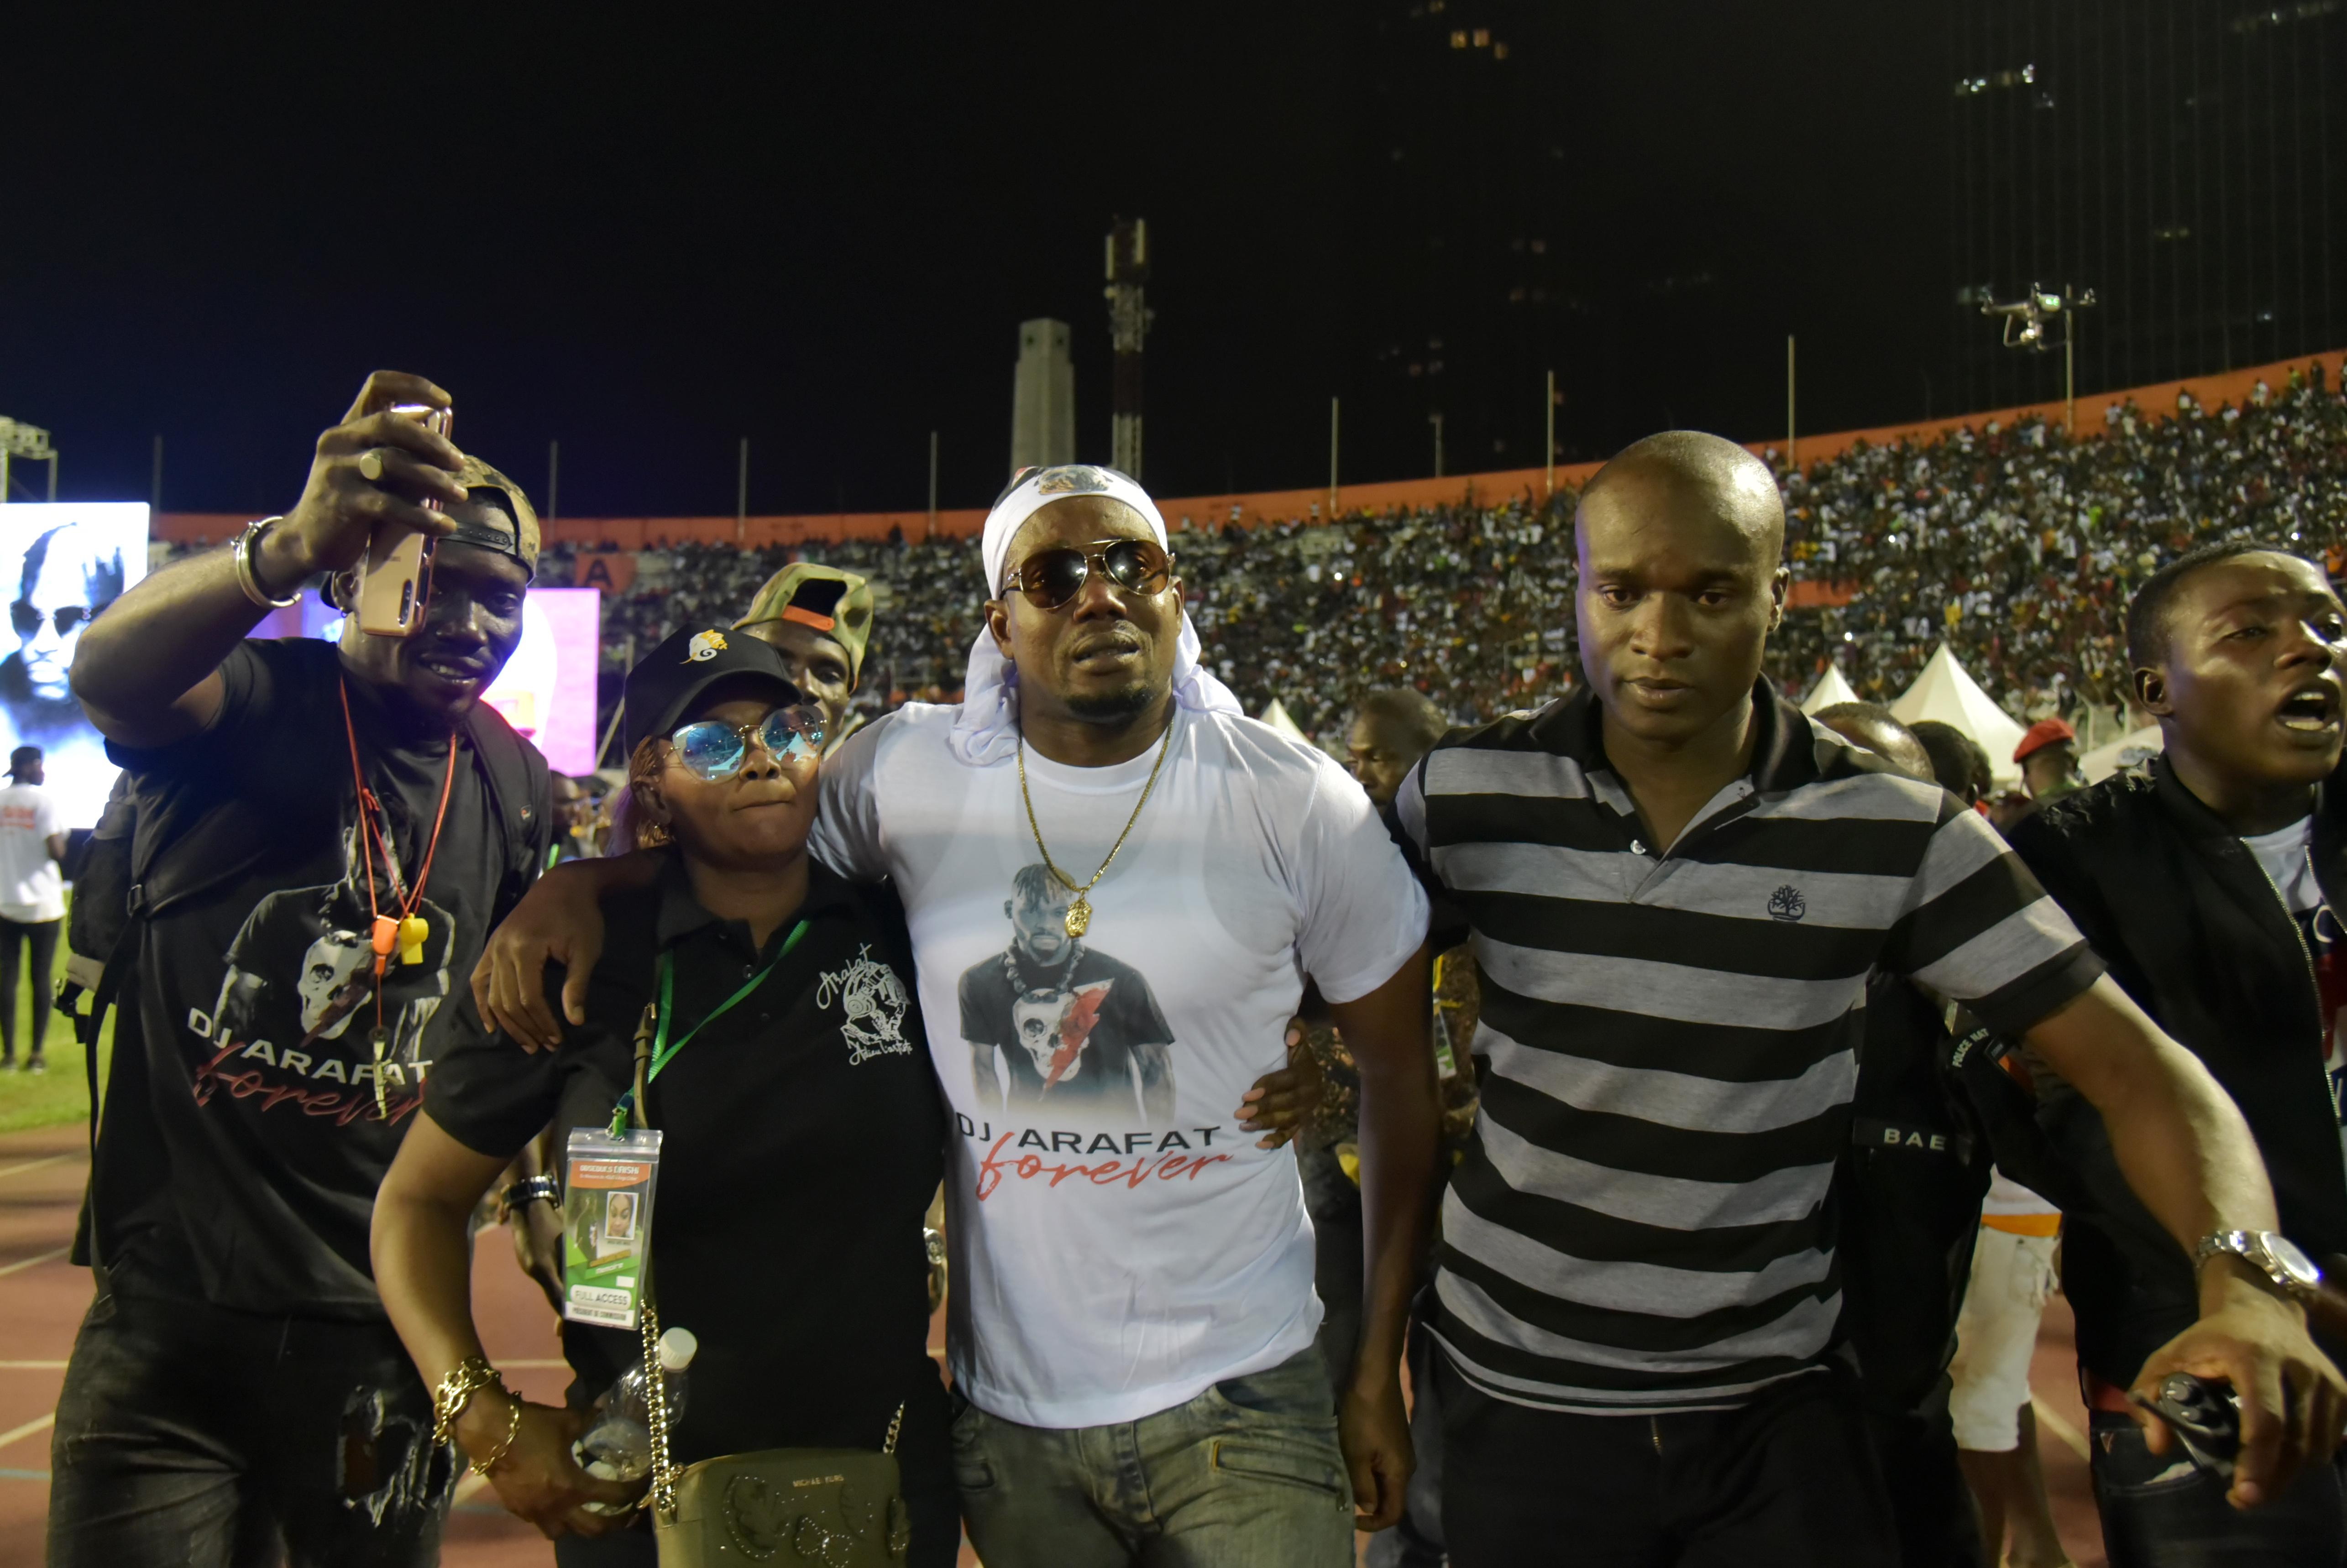 L'ancien joueur des Éléphants, Kader Keita, pleurant lors des funérailles. de DJ Arafat, le 31 août 2019 à Abidjan